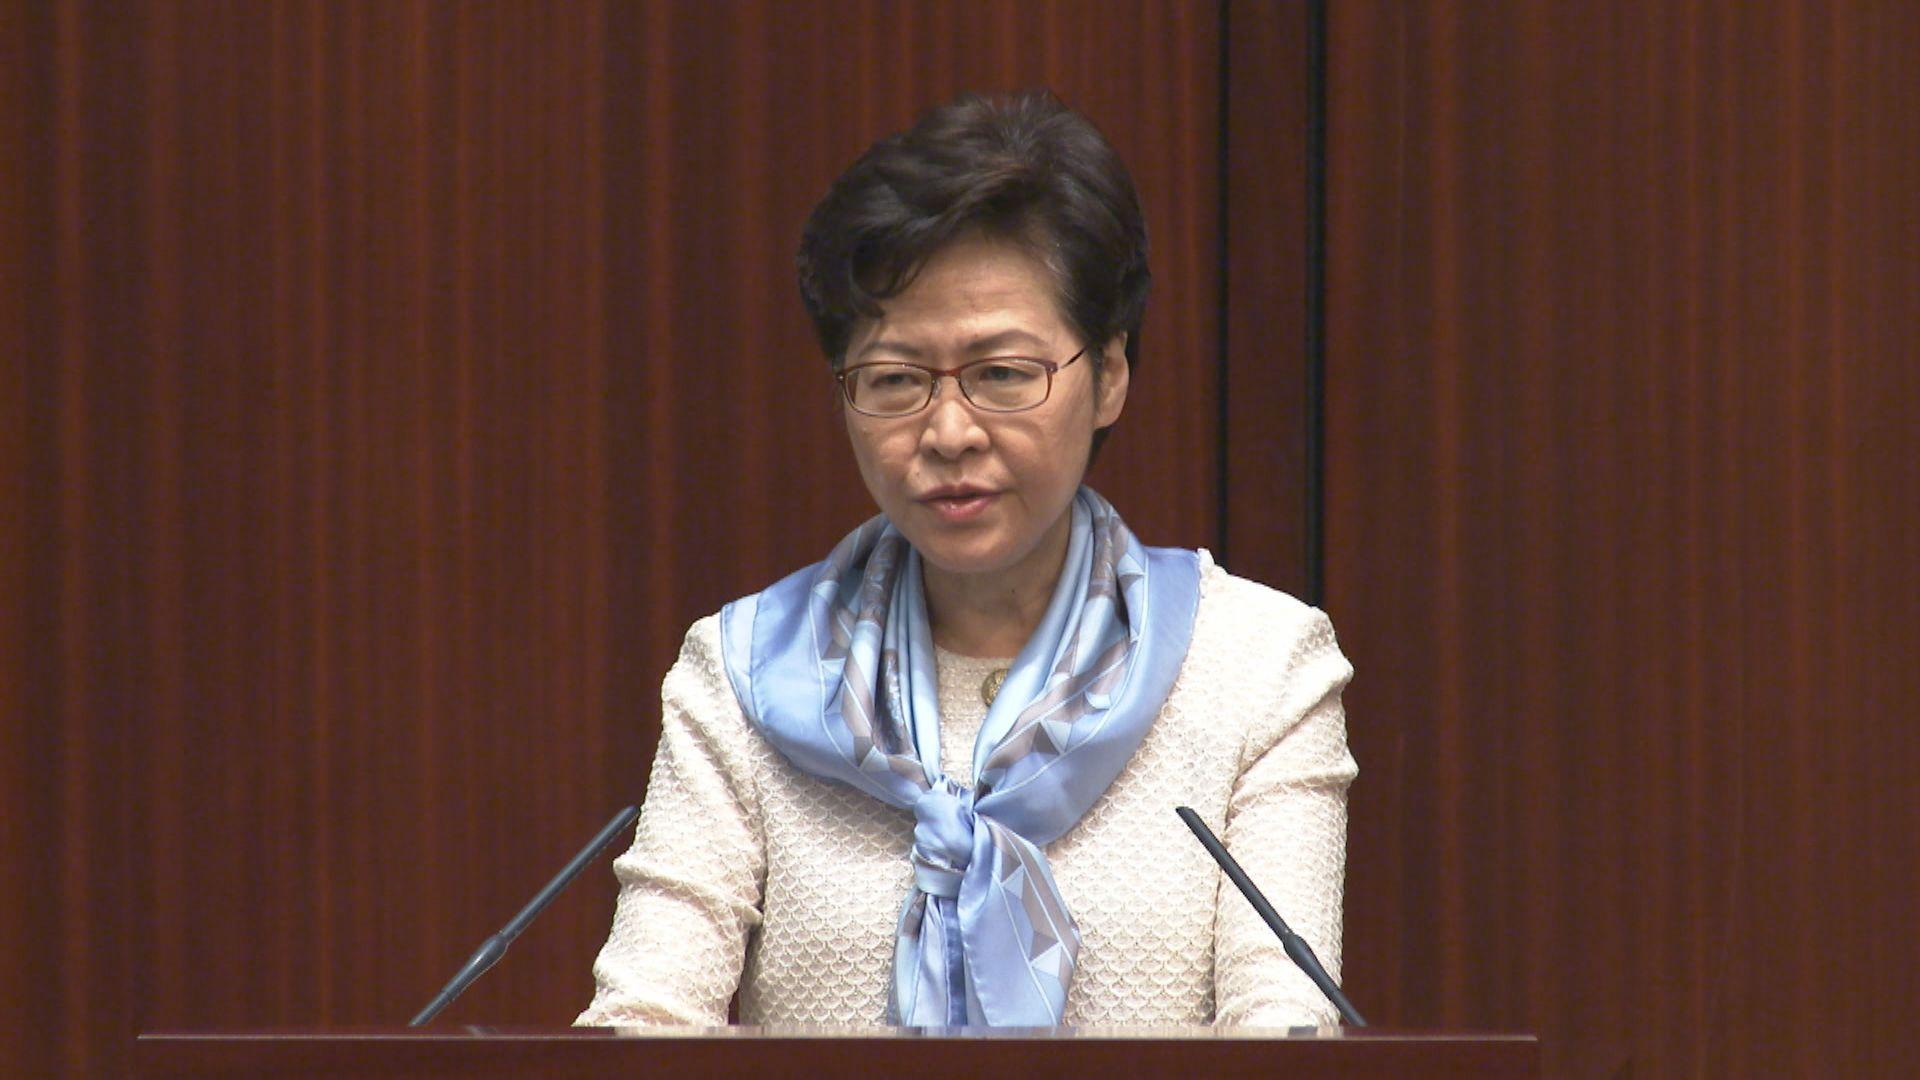 林鄭倡成立小組委員會討論人大決定 暫緩審議其他法案